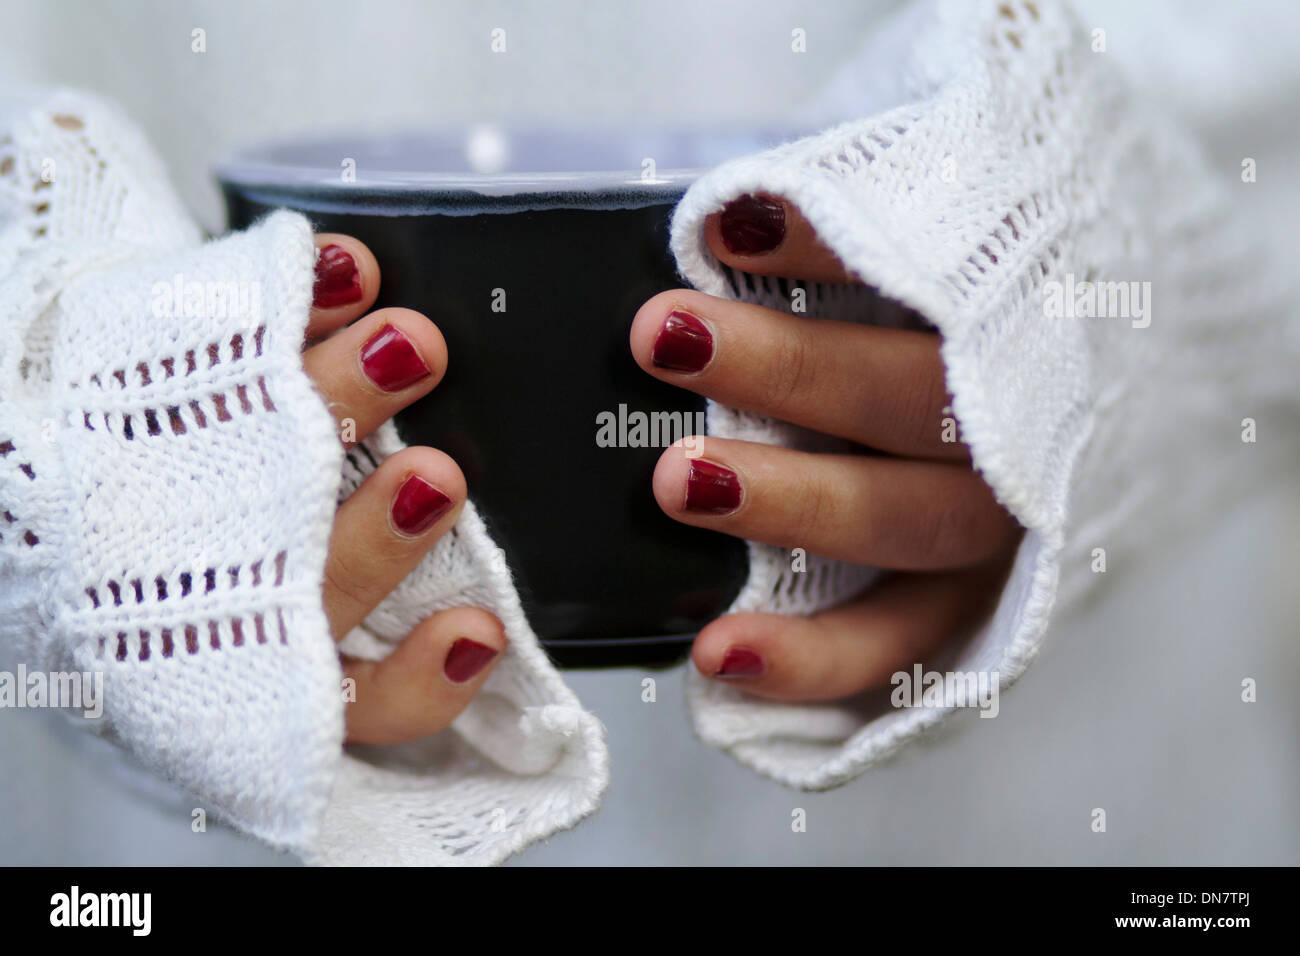 Mujer con uñas pintadas sujetando el tazón en la mano Imagen De Stock